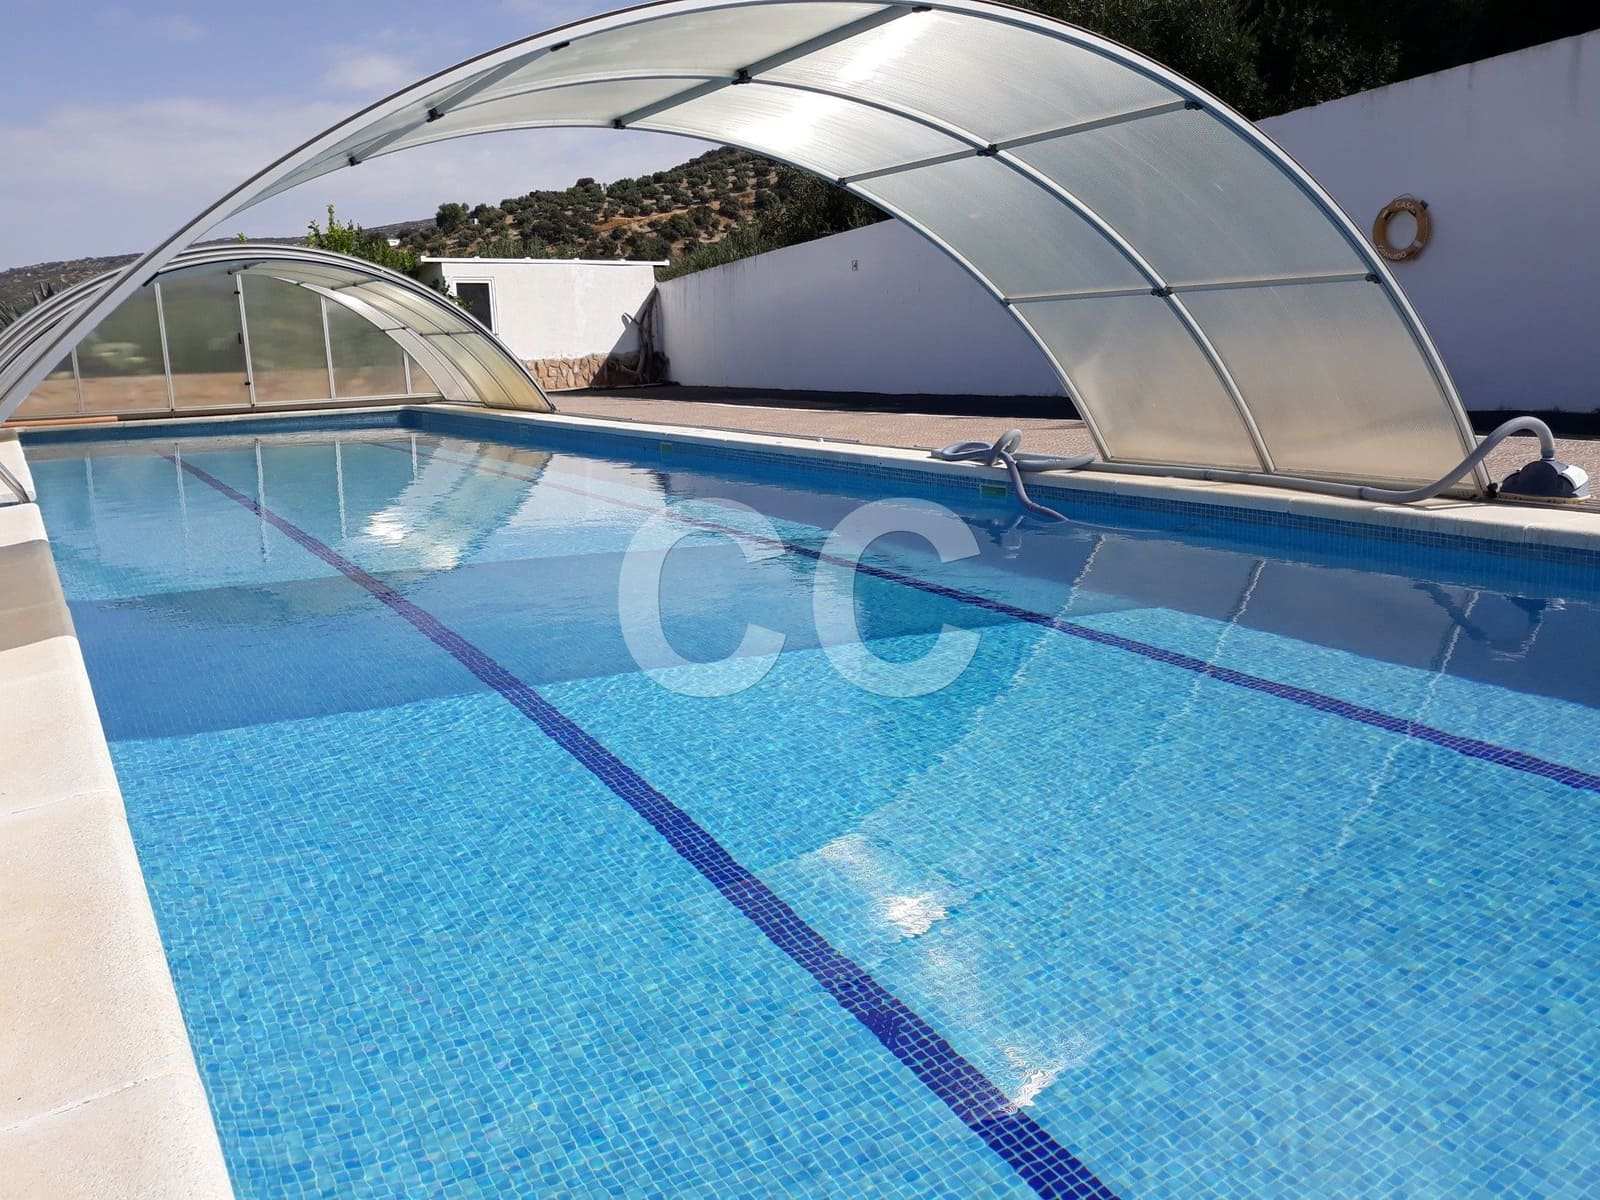 3 chambre Finca/Maison de Campagne à vendre à Ventorros de San Jose avec piscine - 220 000 € (Ref: 5437089)